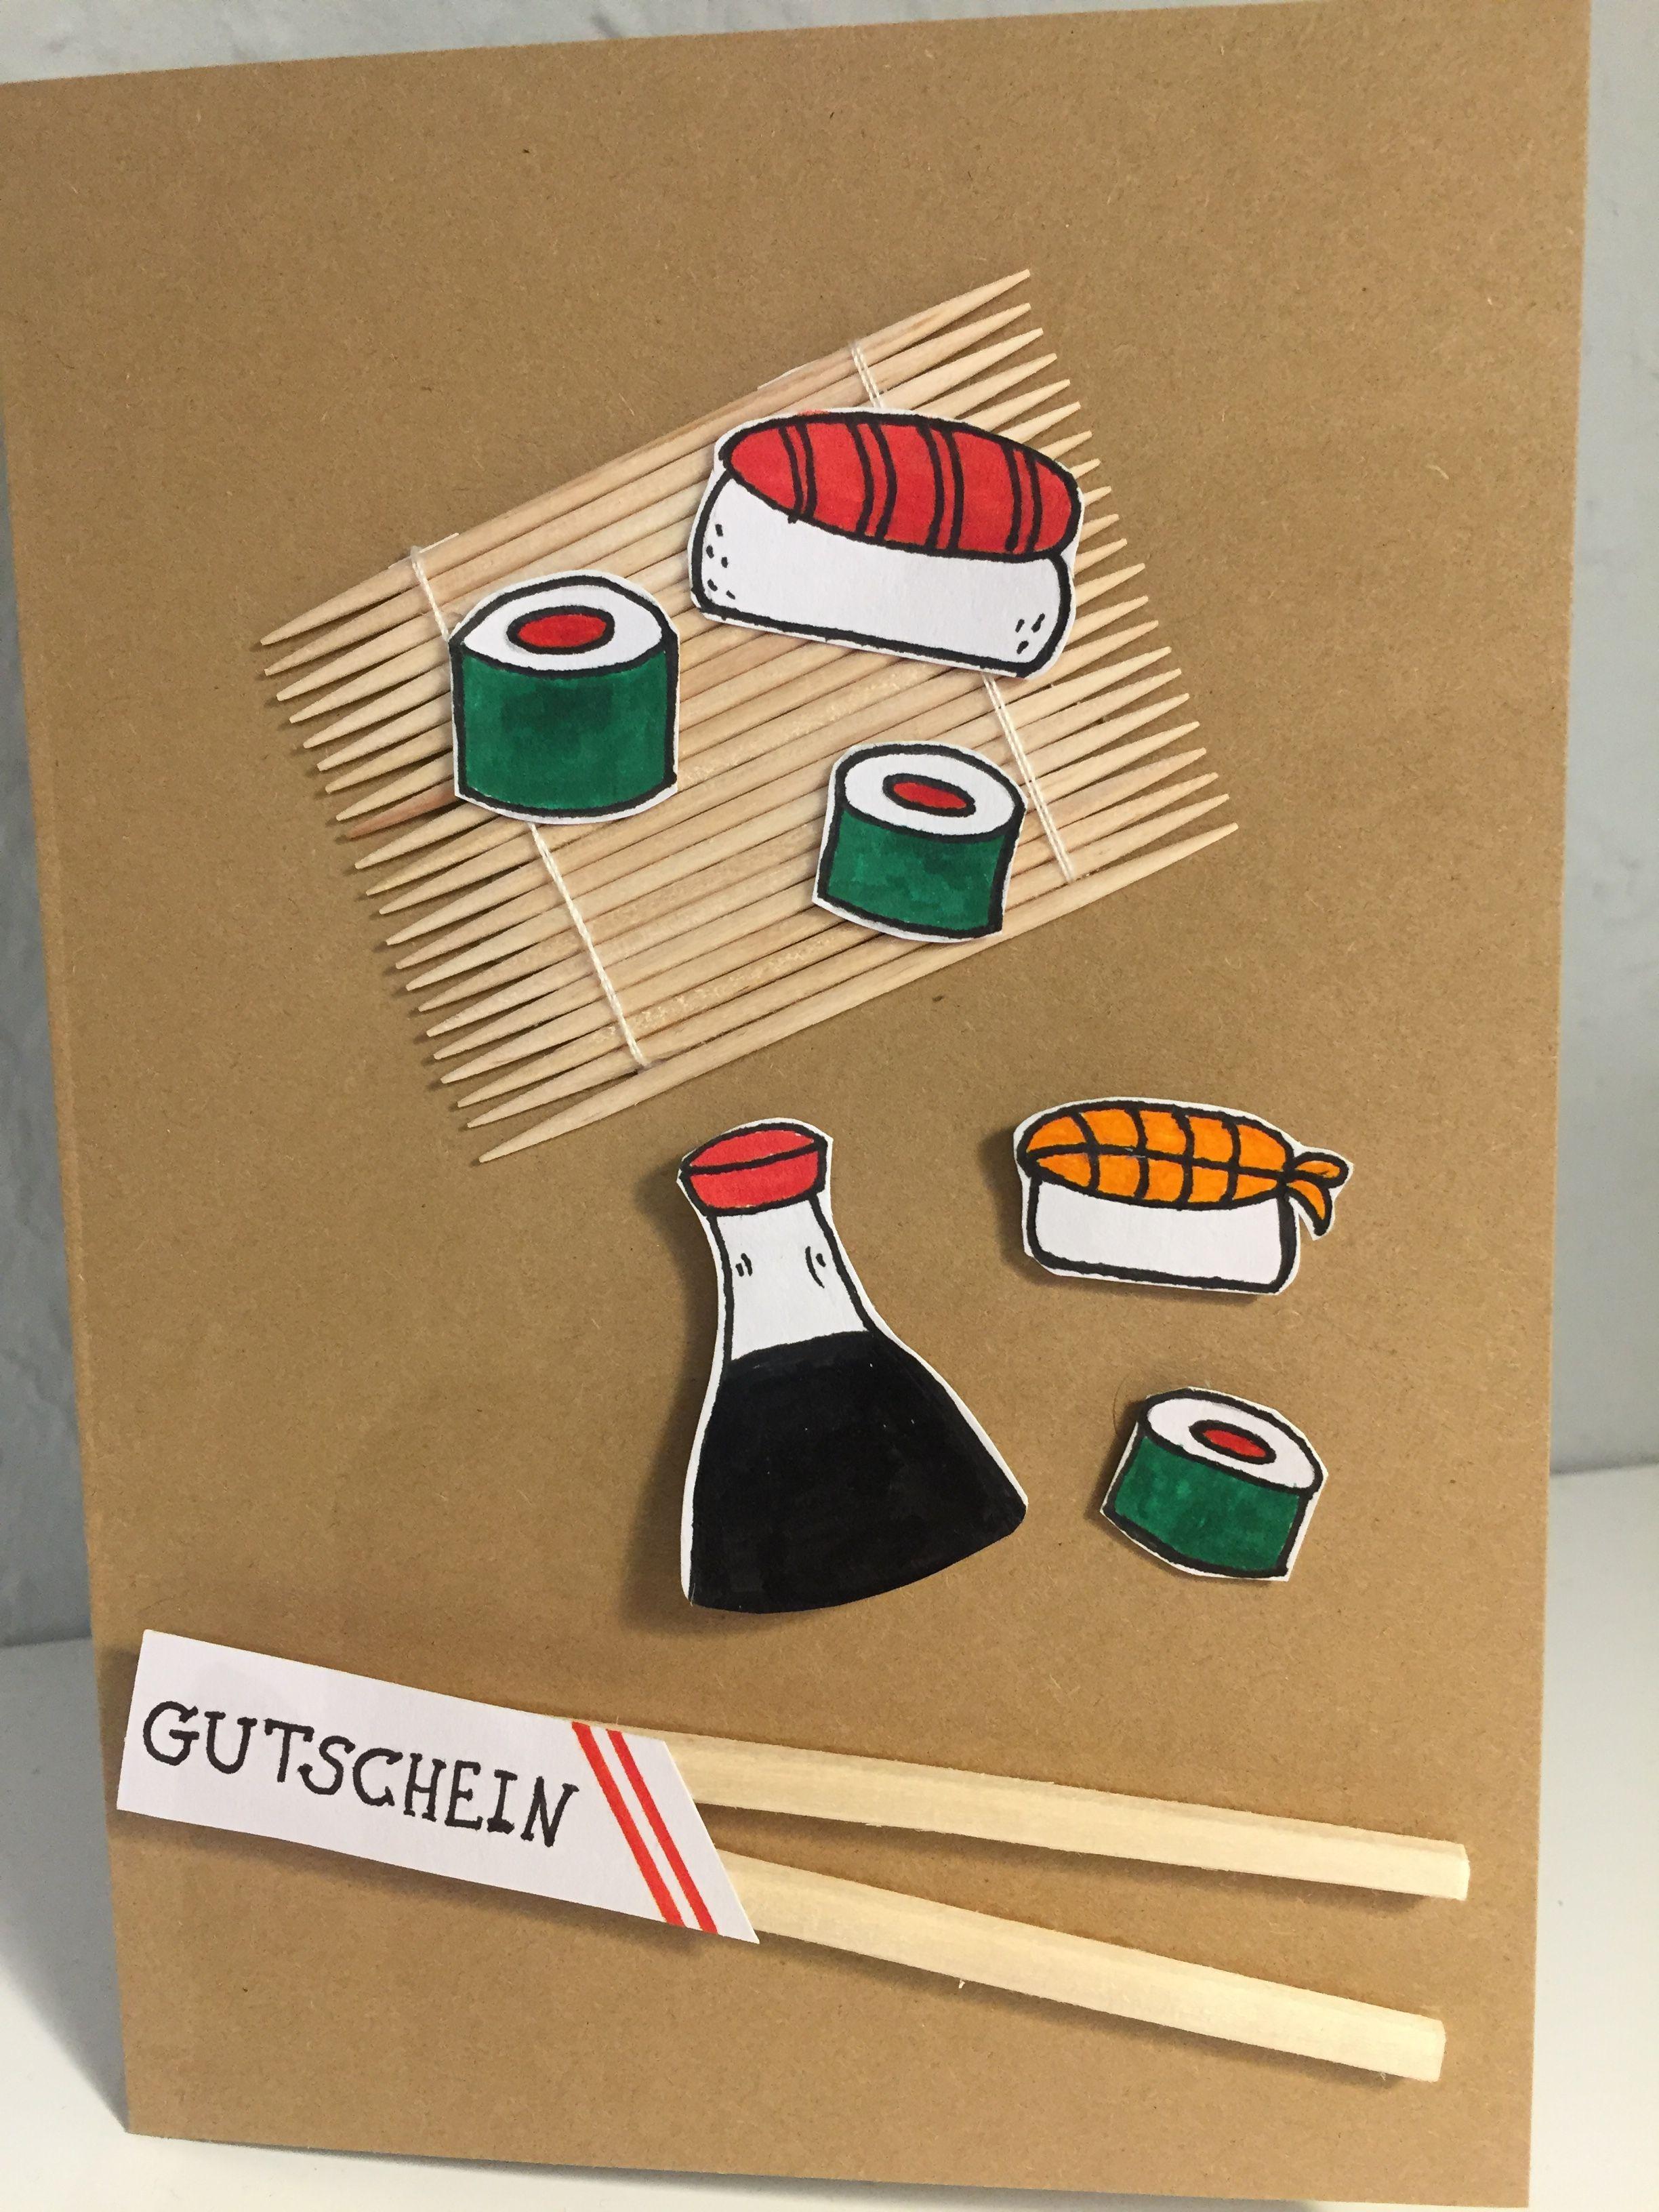 Fur Sushi Liebhaber Gutschein Basteln Gutschein Geschenke Geschenk Fur Bruder